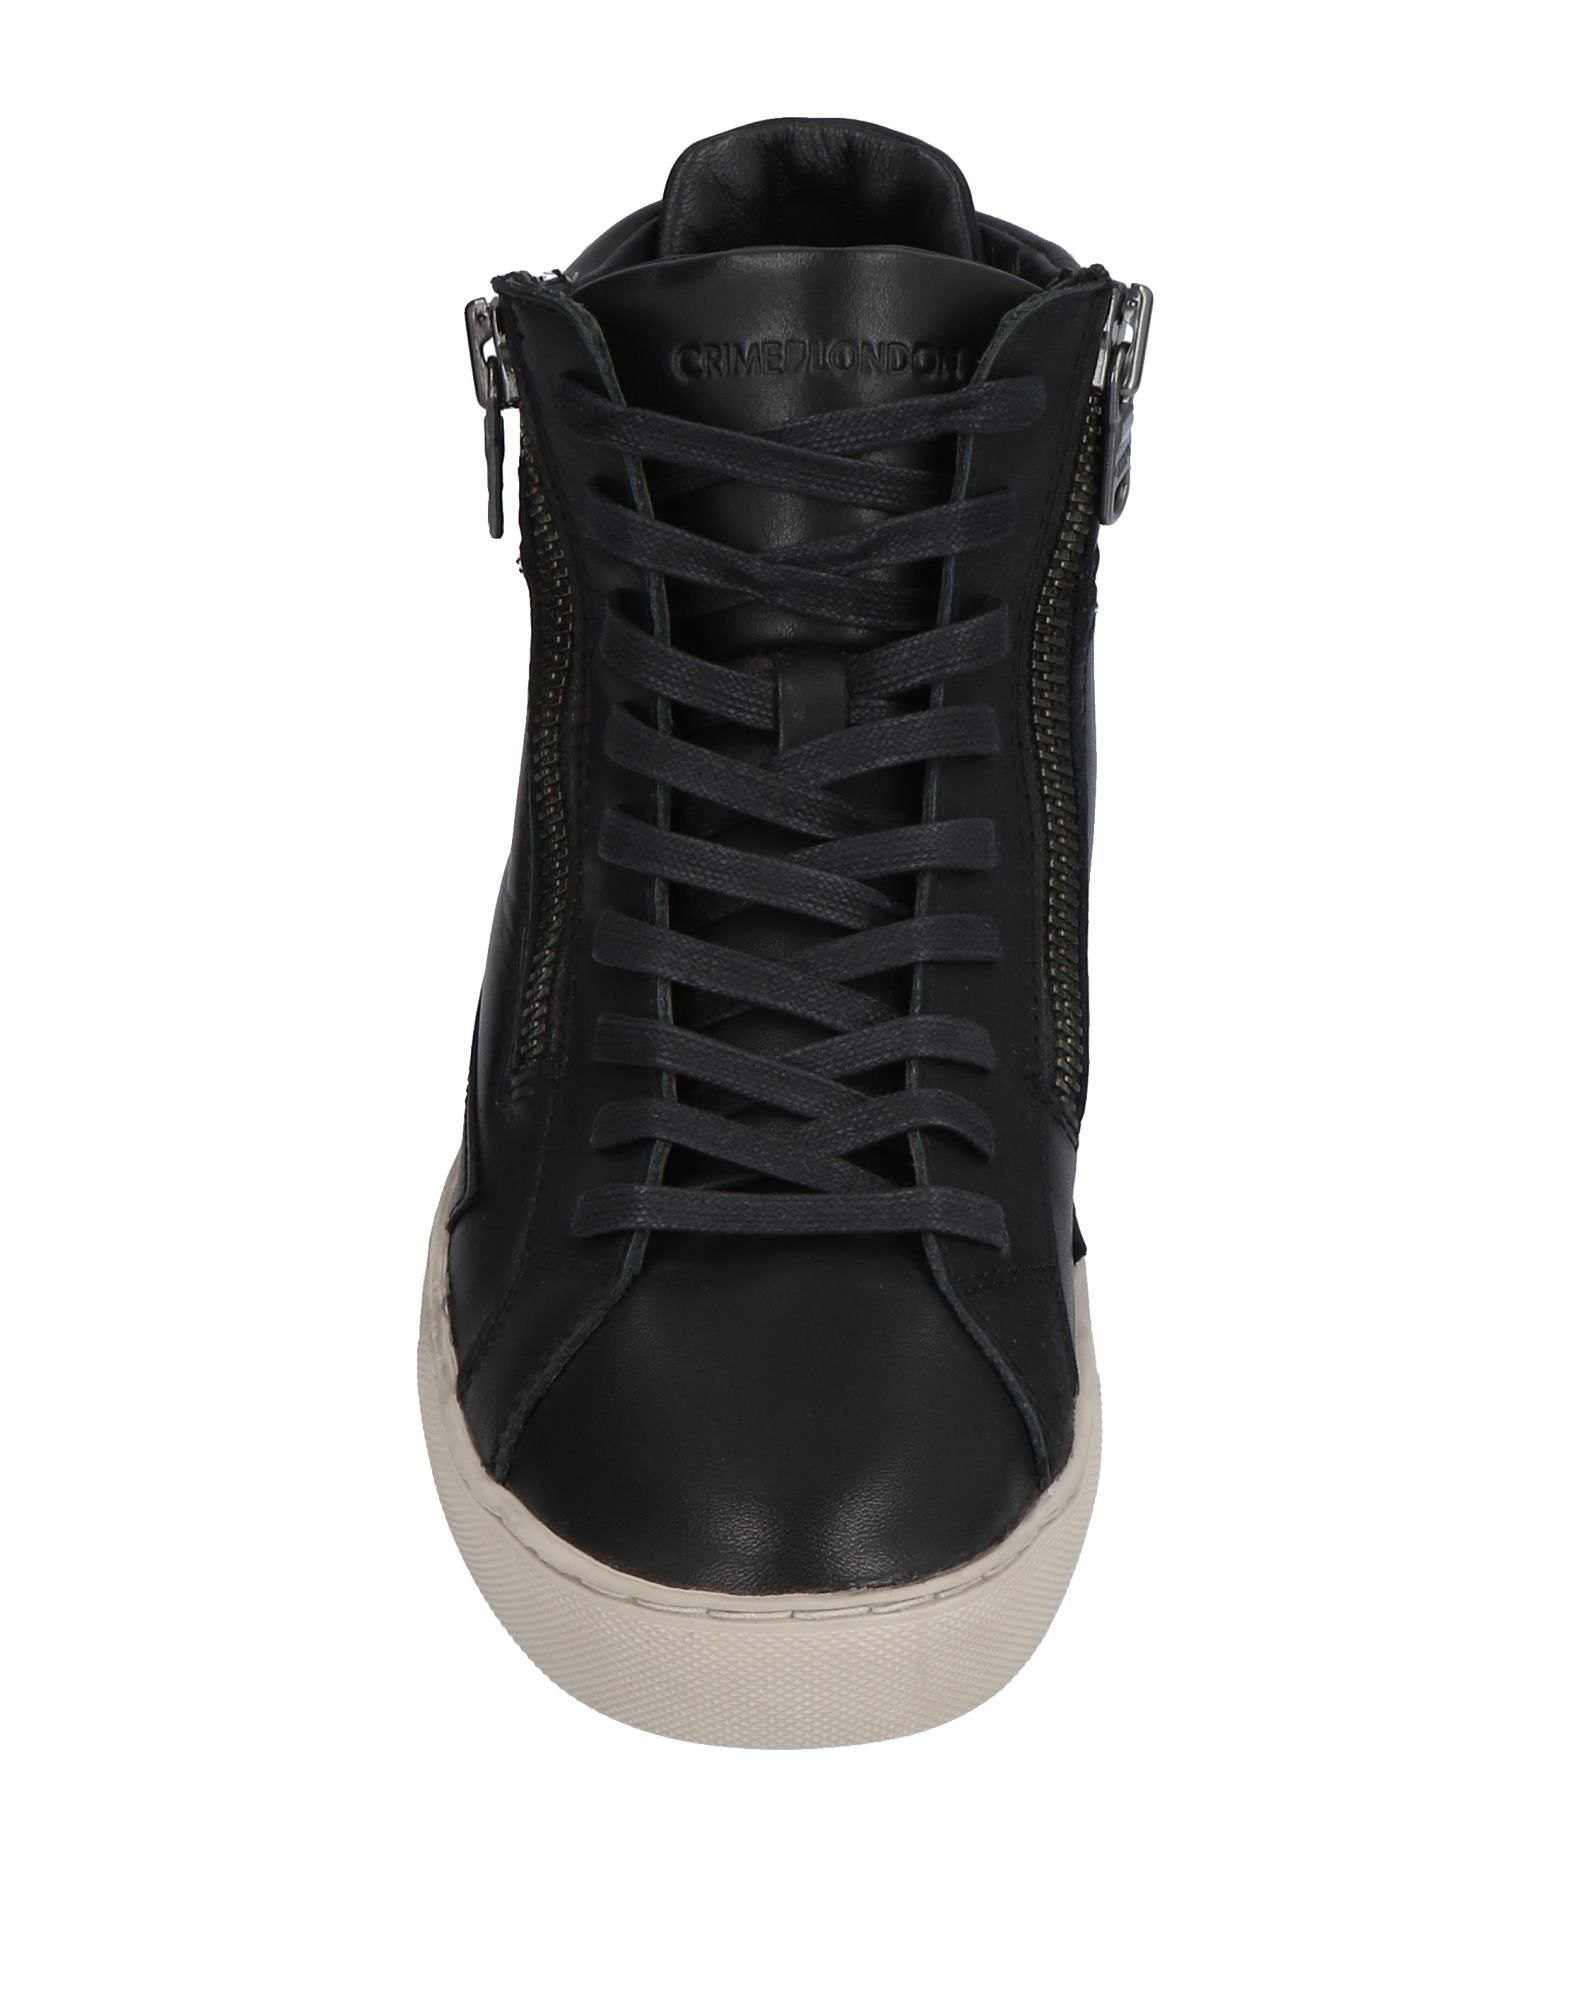 Crime London Sneakers Herren beliebte  11492061FT Gute Qualität beliebte Herren Schuhe 61ffe6